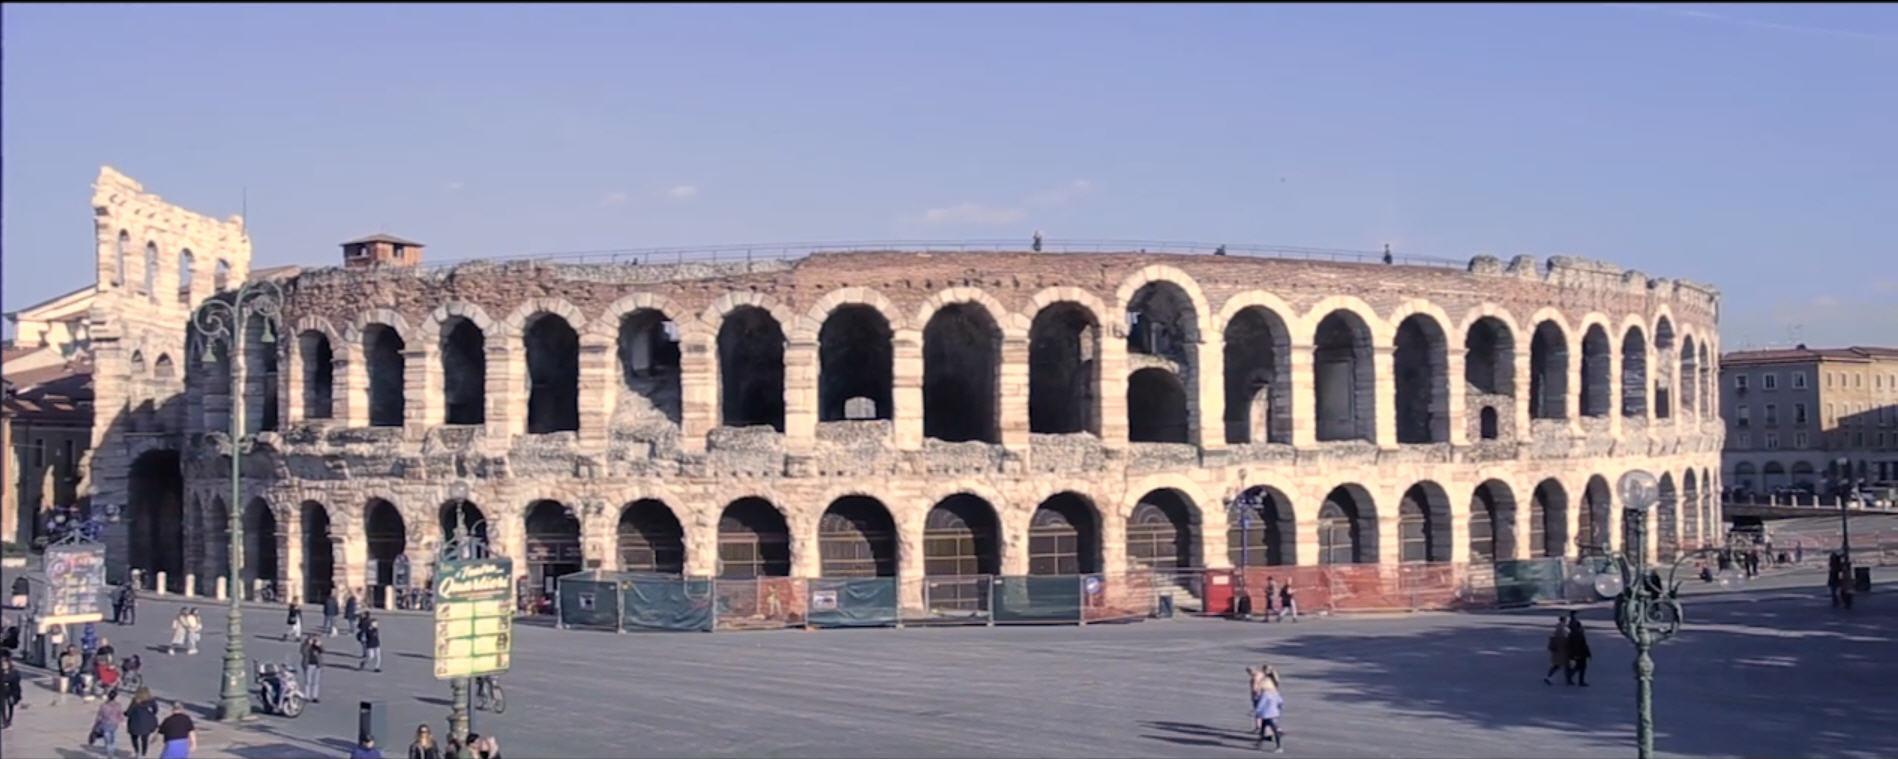 Arena-di-Verona.jpg